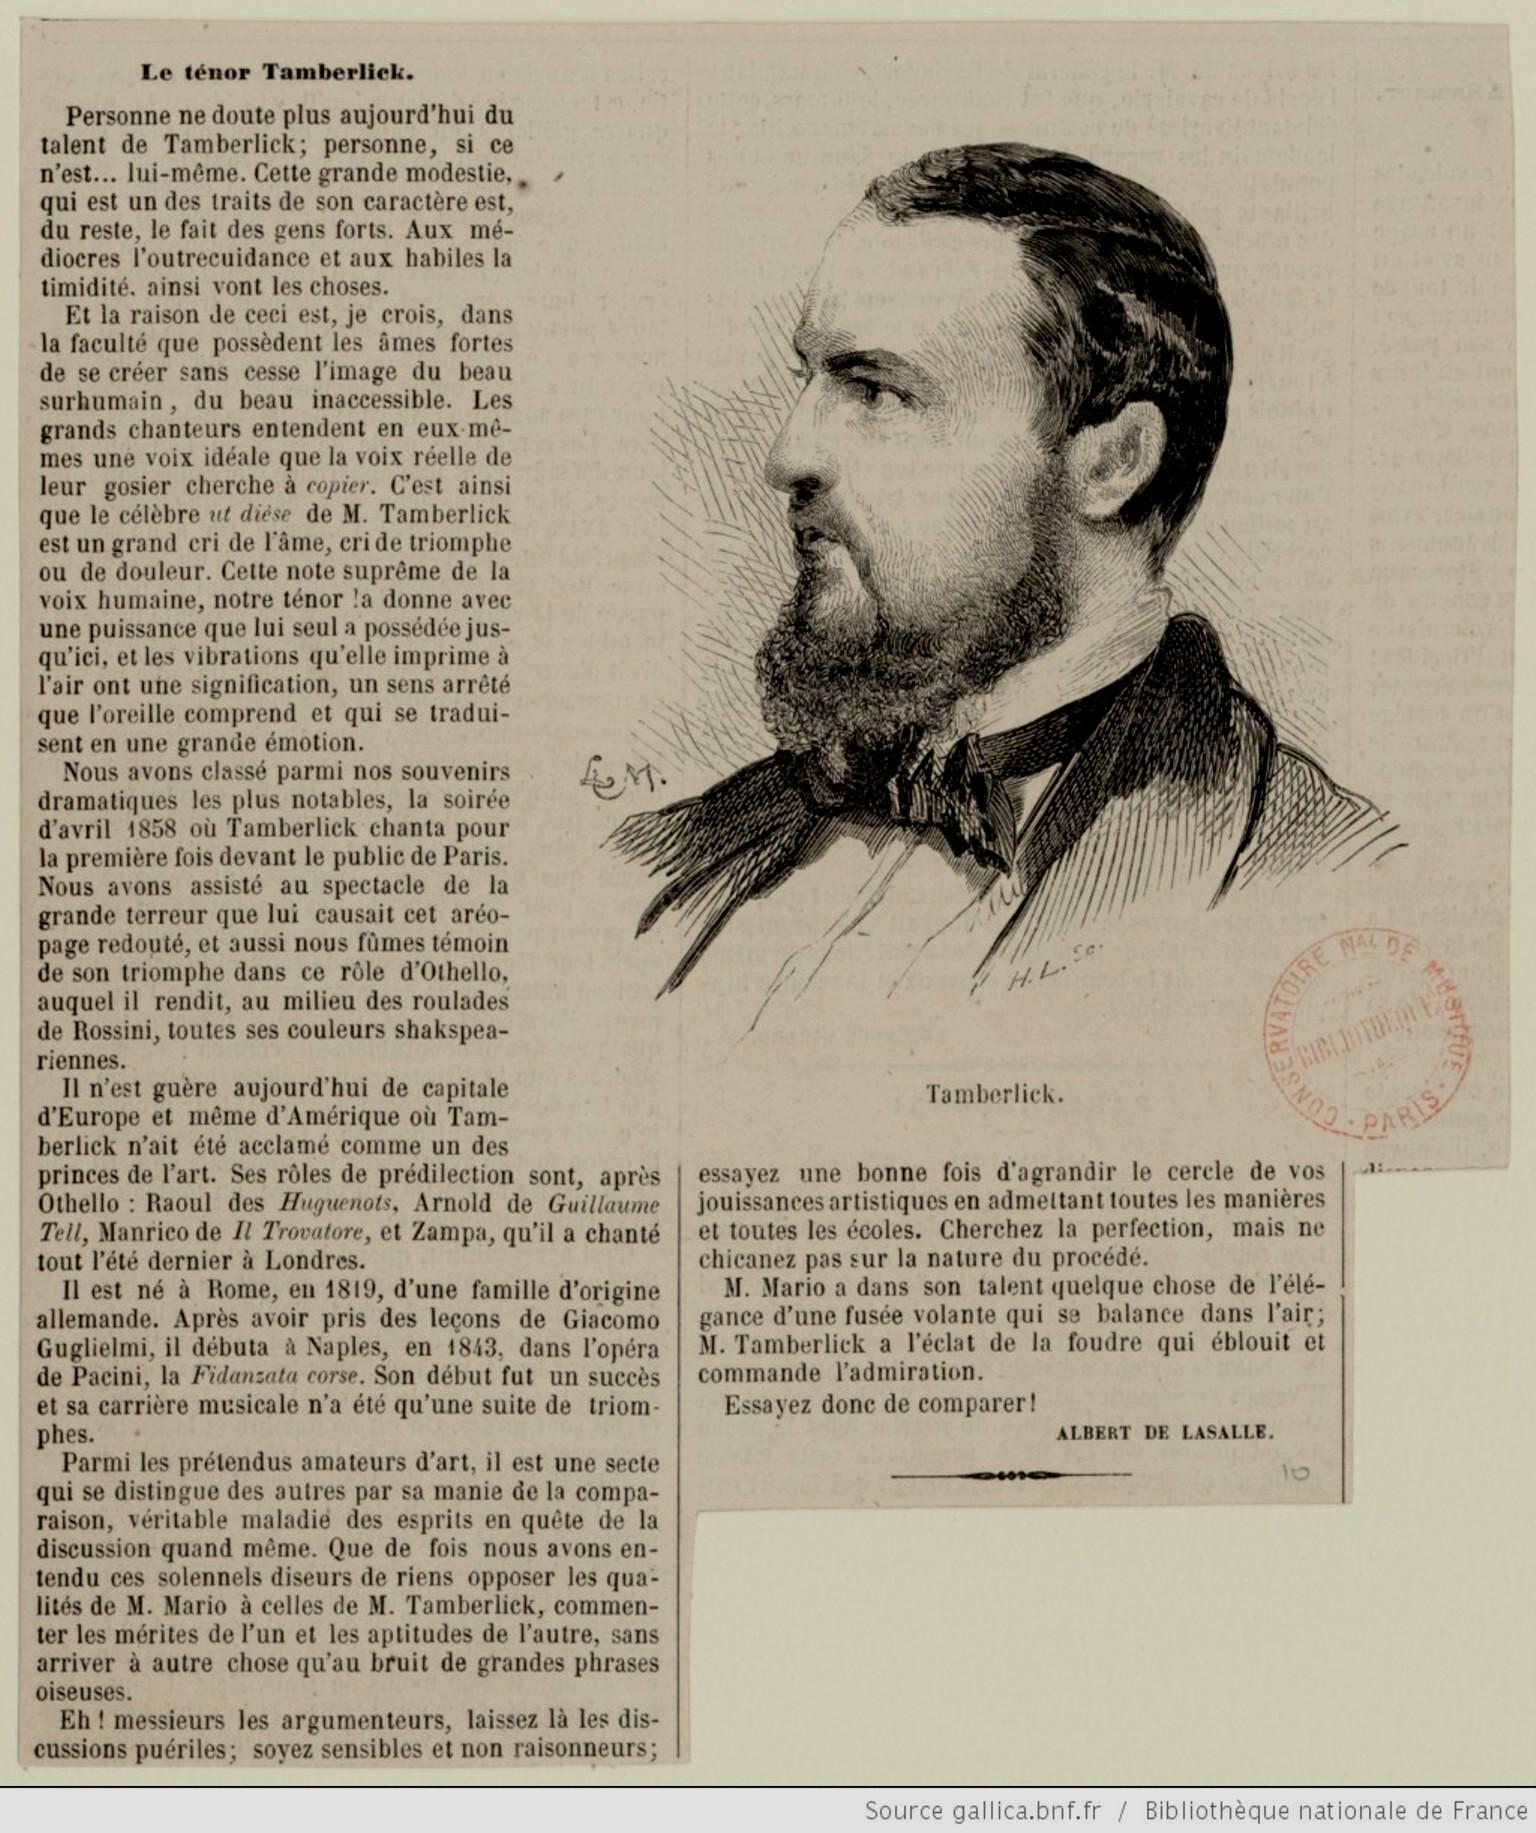 Albert de Lasalle 1